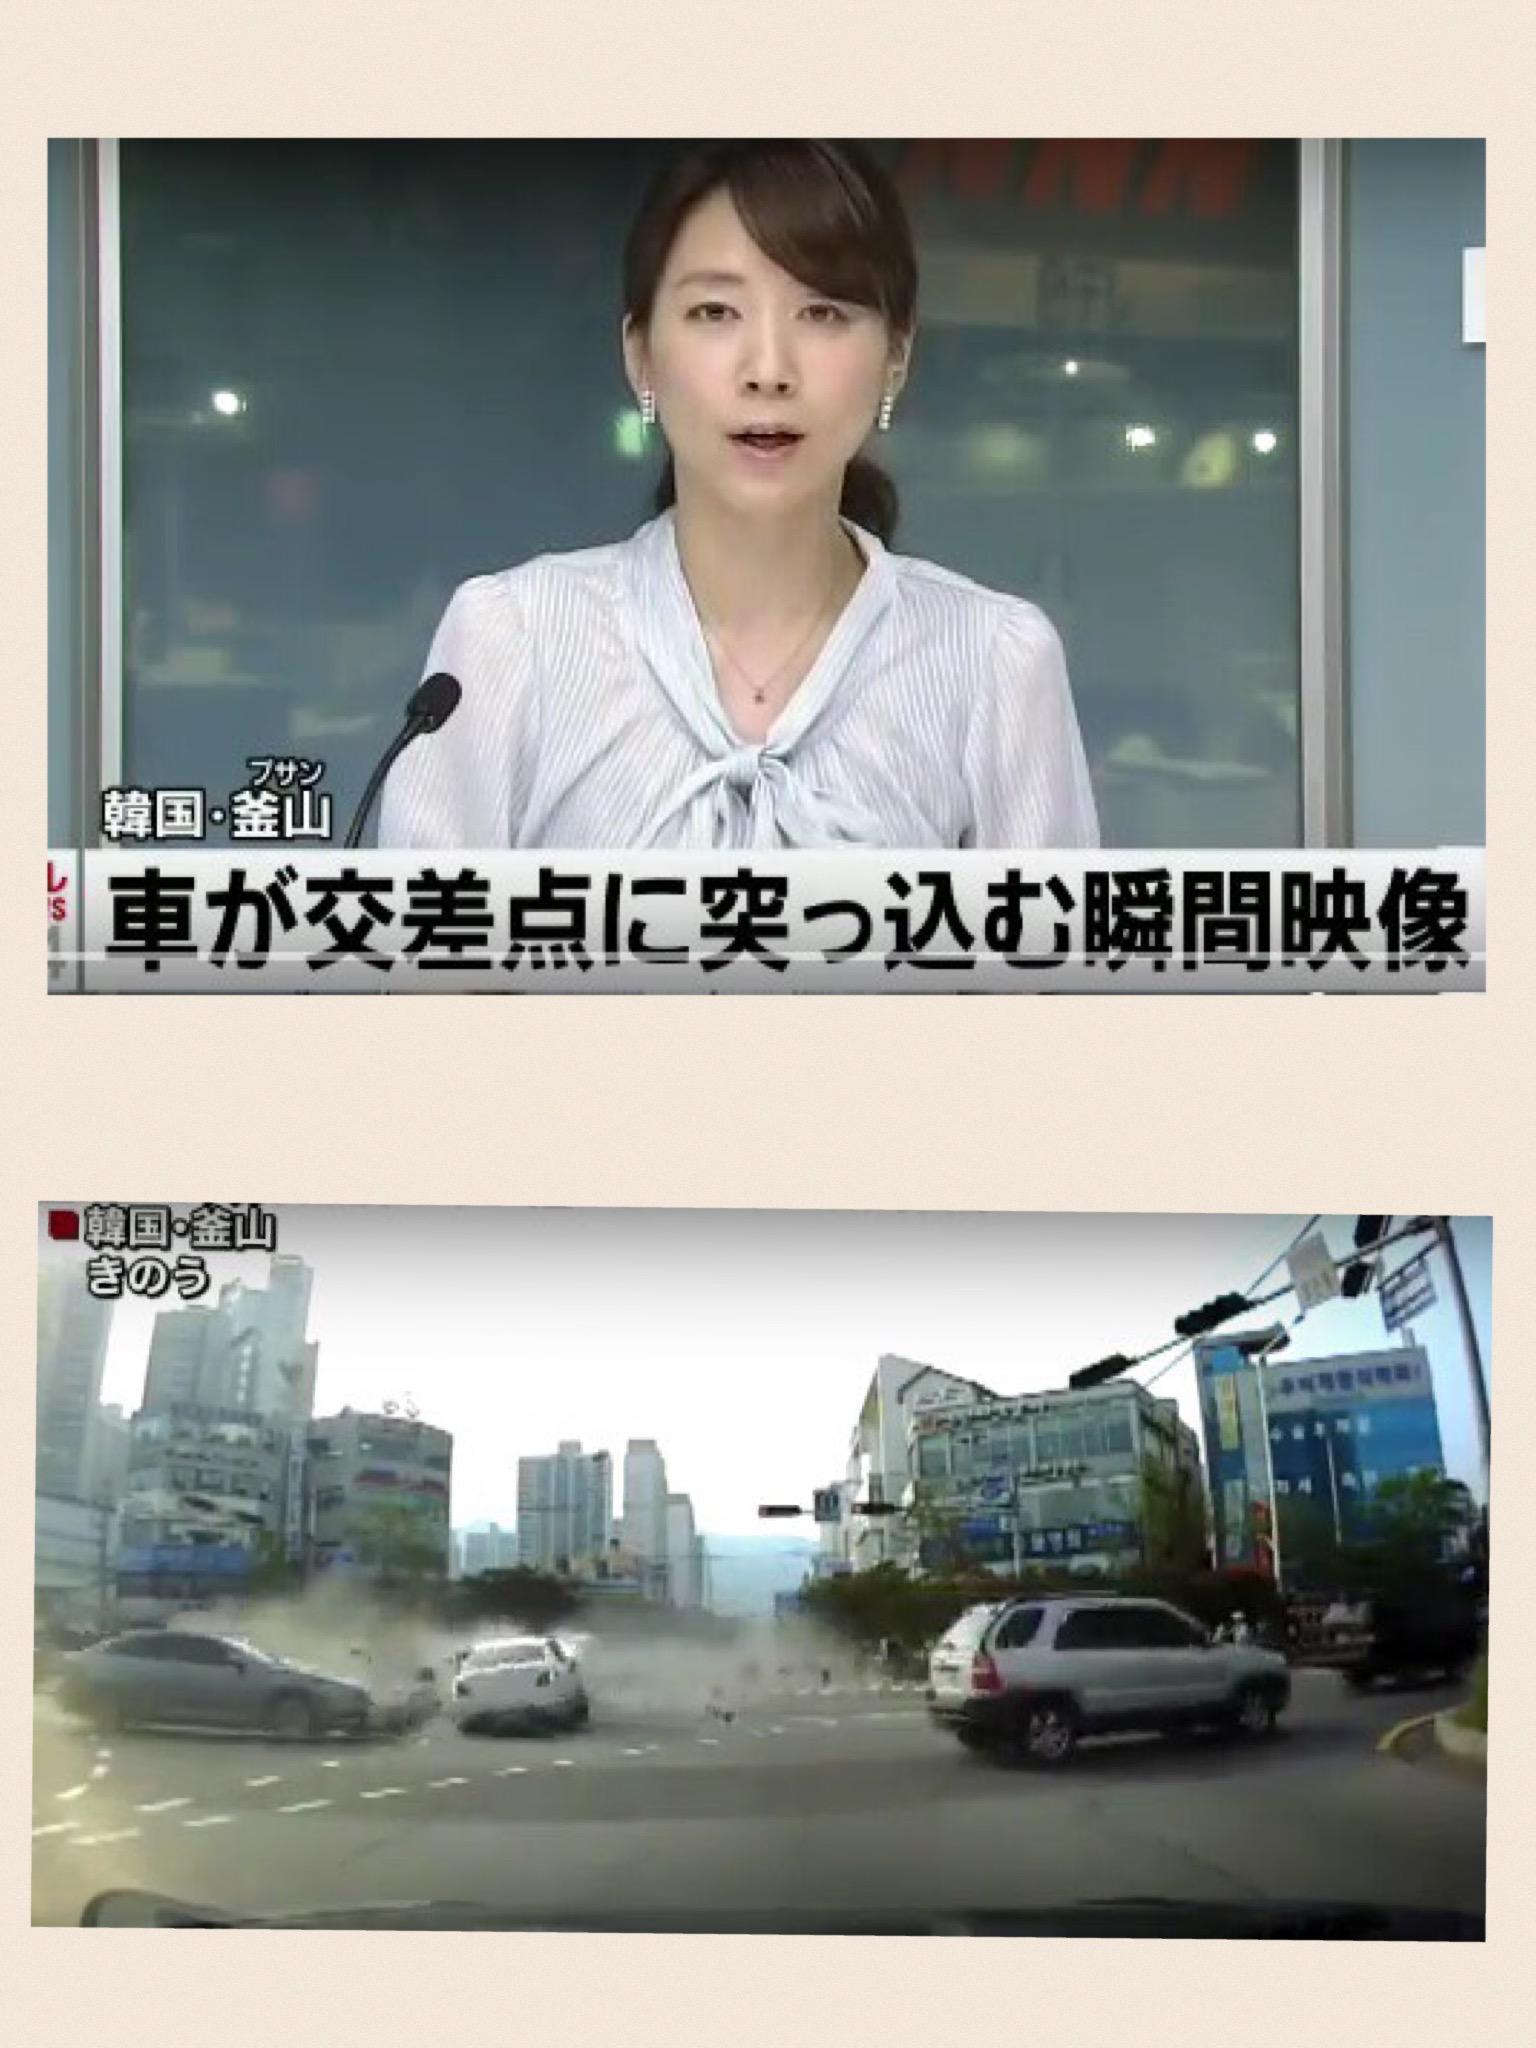 韓国のとんでもない自動車事故